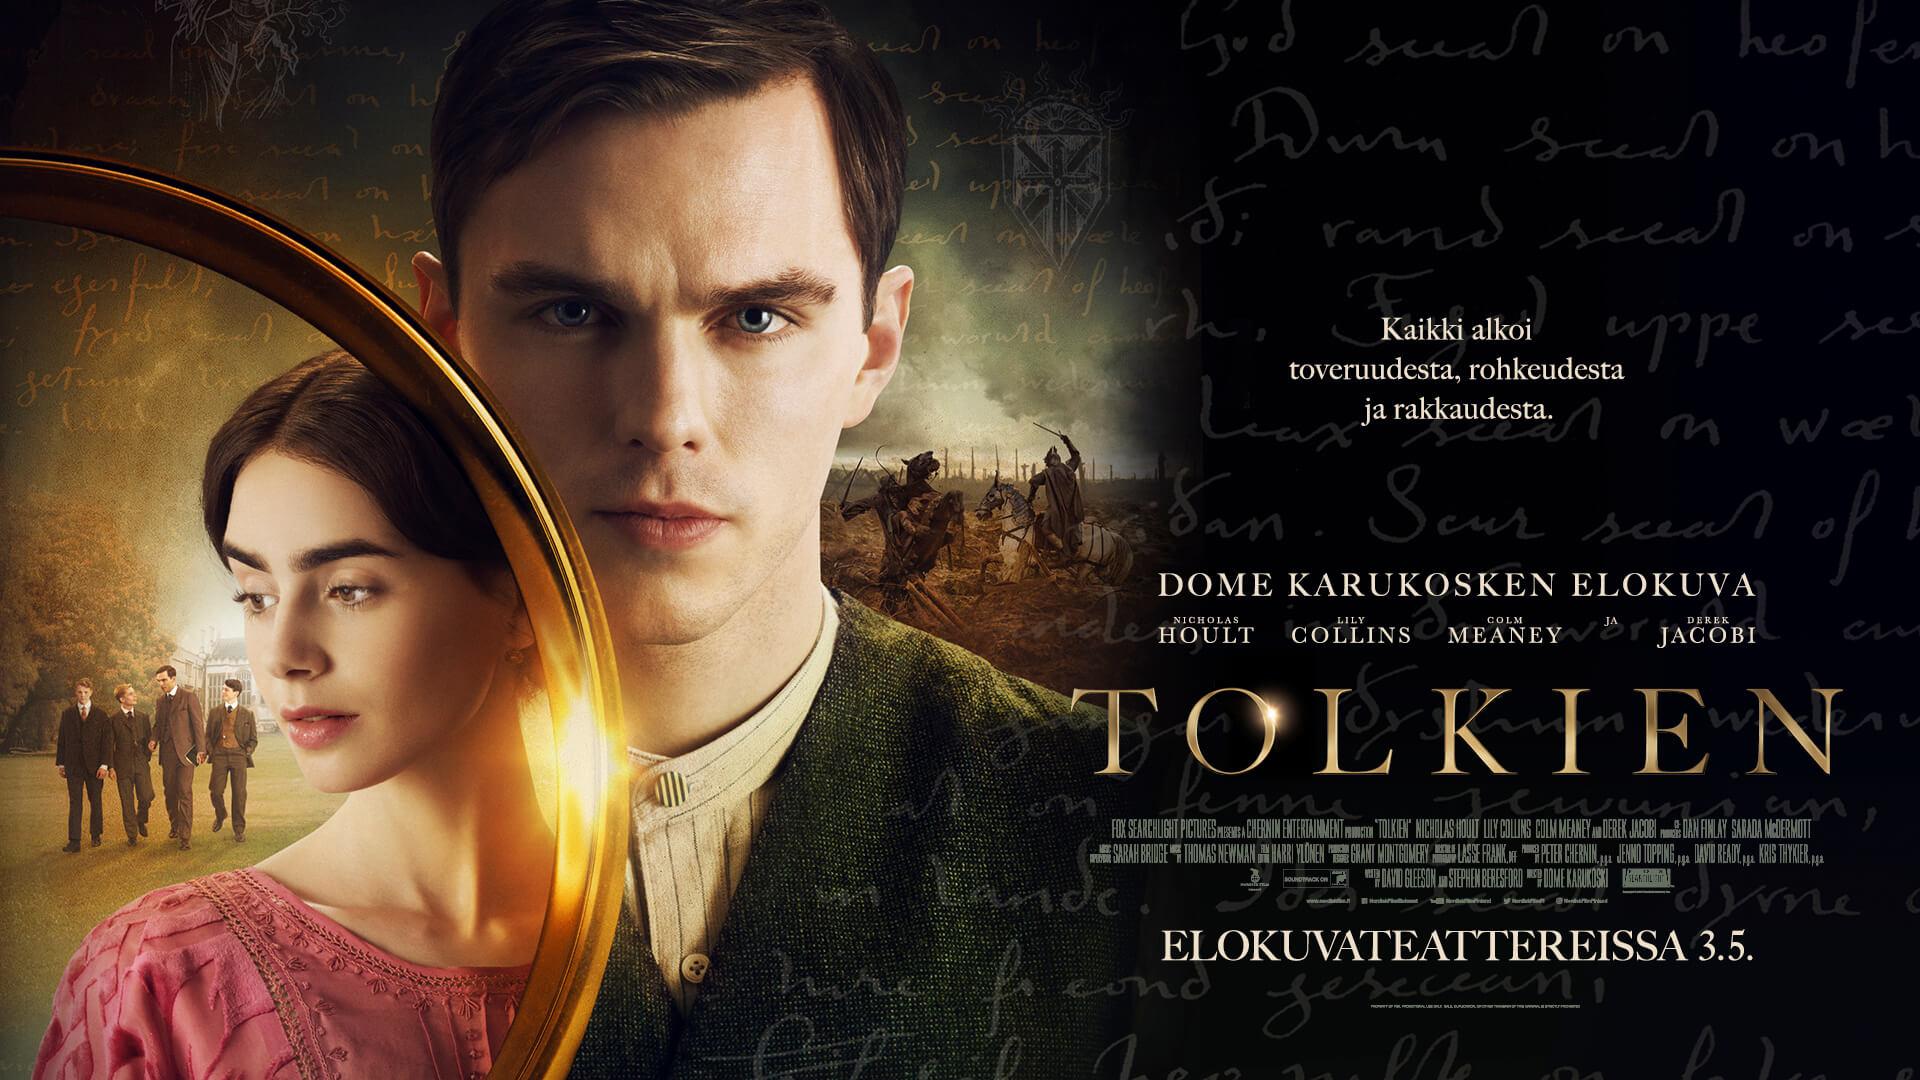 Dome Karukosken TOLKIEN-elokuvan liput nyt myynnissä